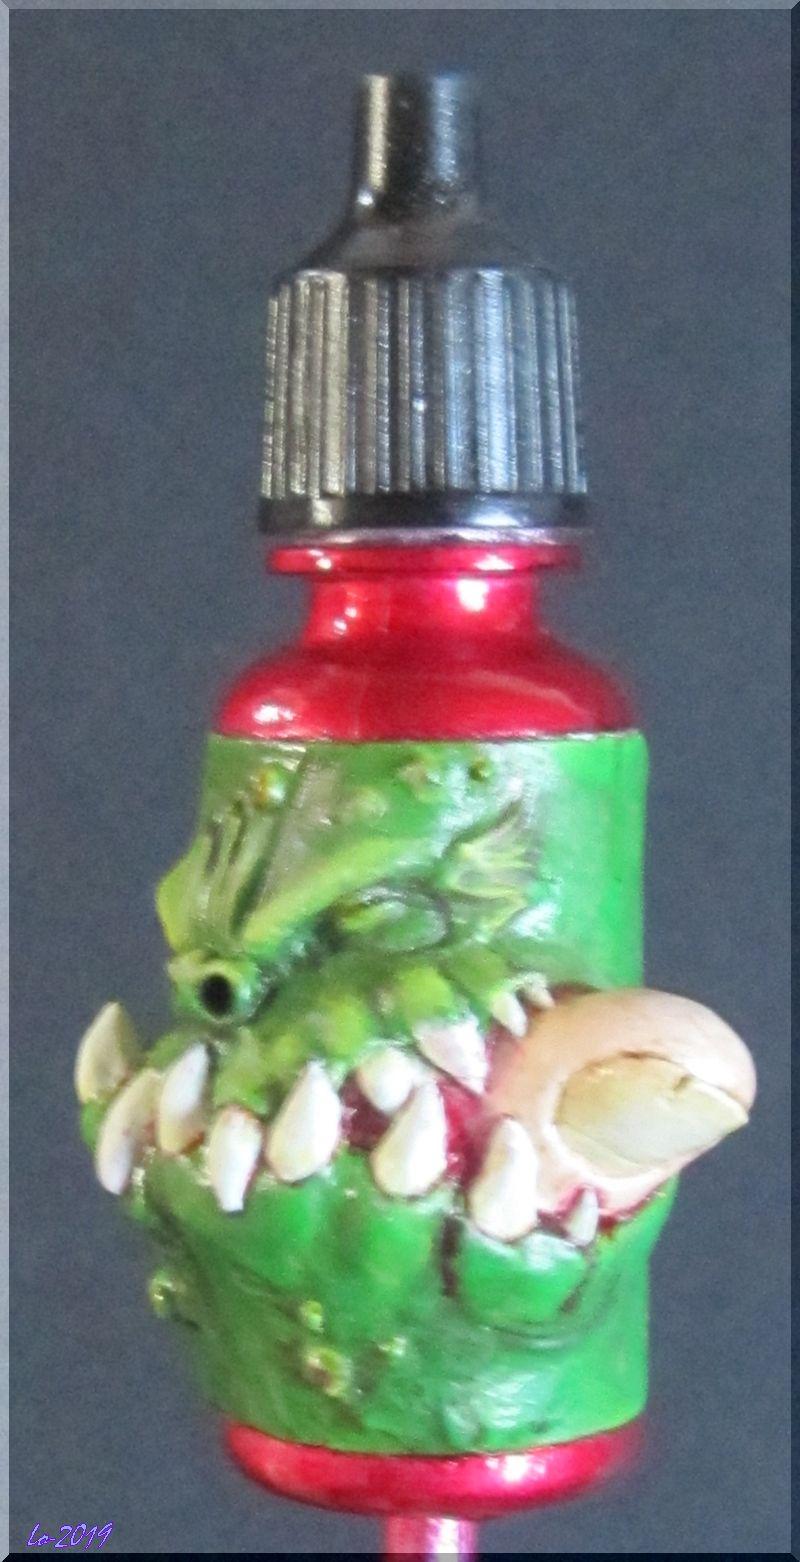 Le Kroc-doigt - MAOW - Echelle flacon de peinture acrylique - Page 2 Rouge_10